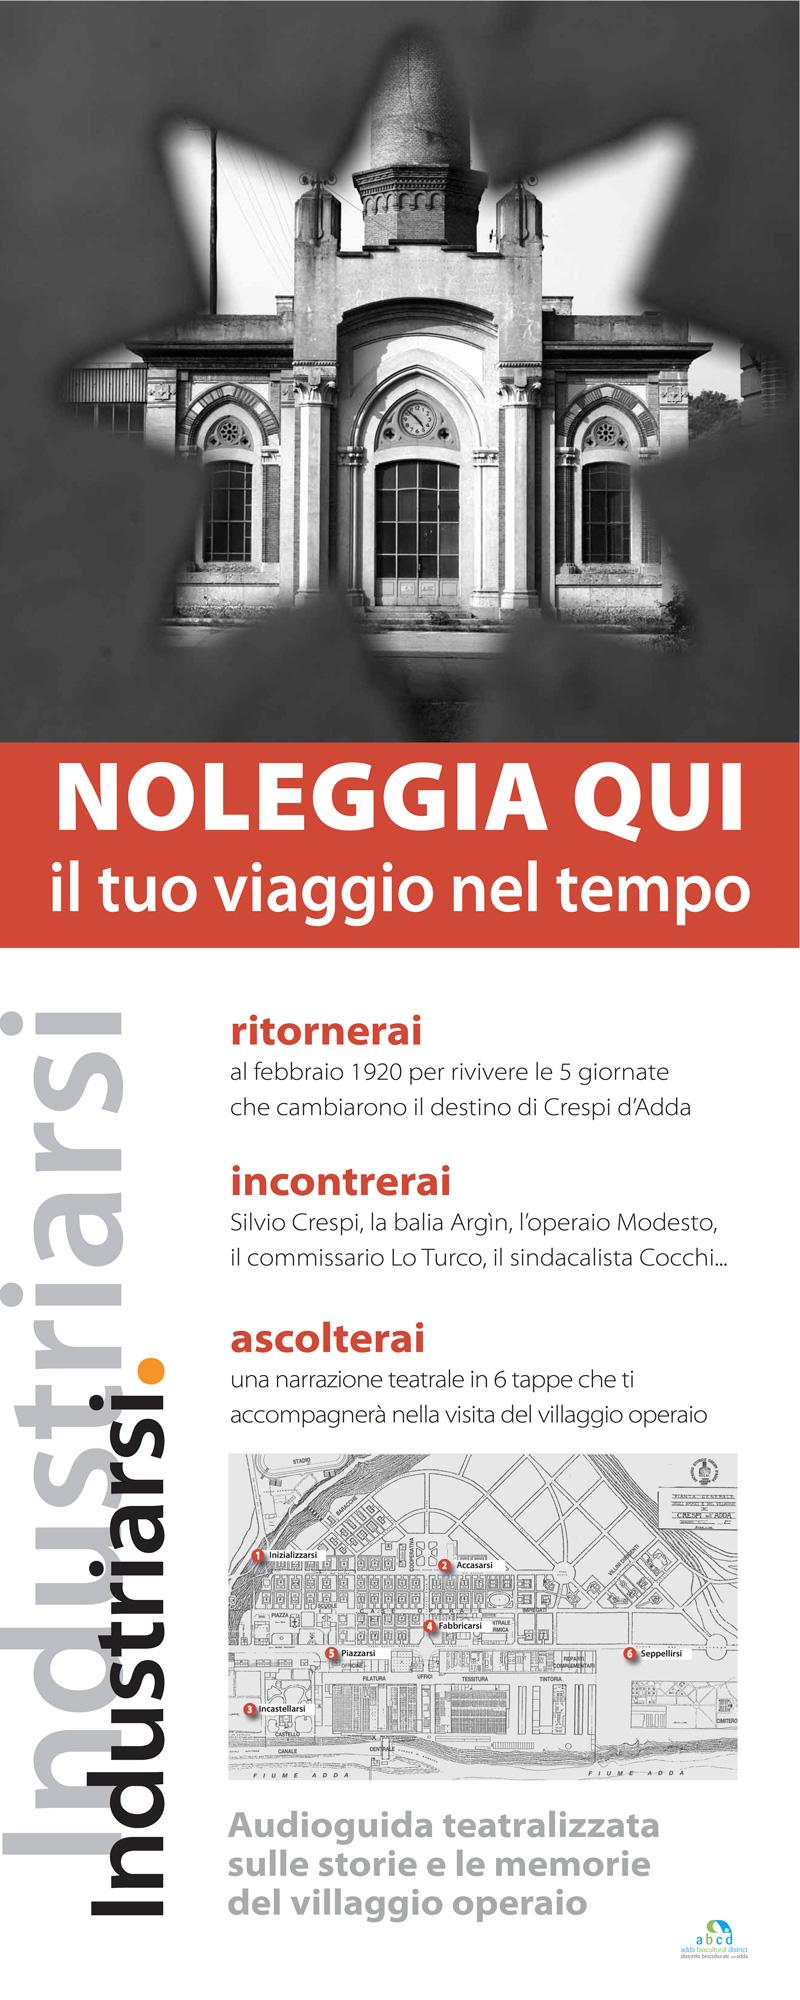 audioguida_crespidadda_noleggio